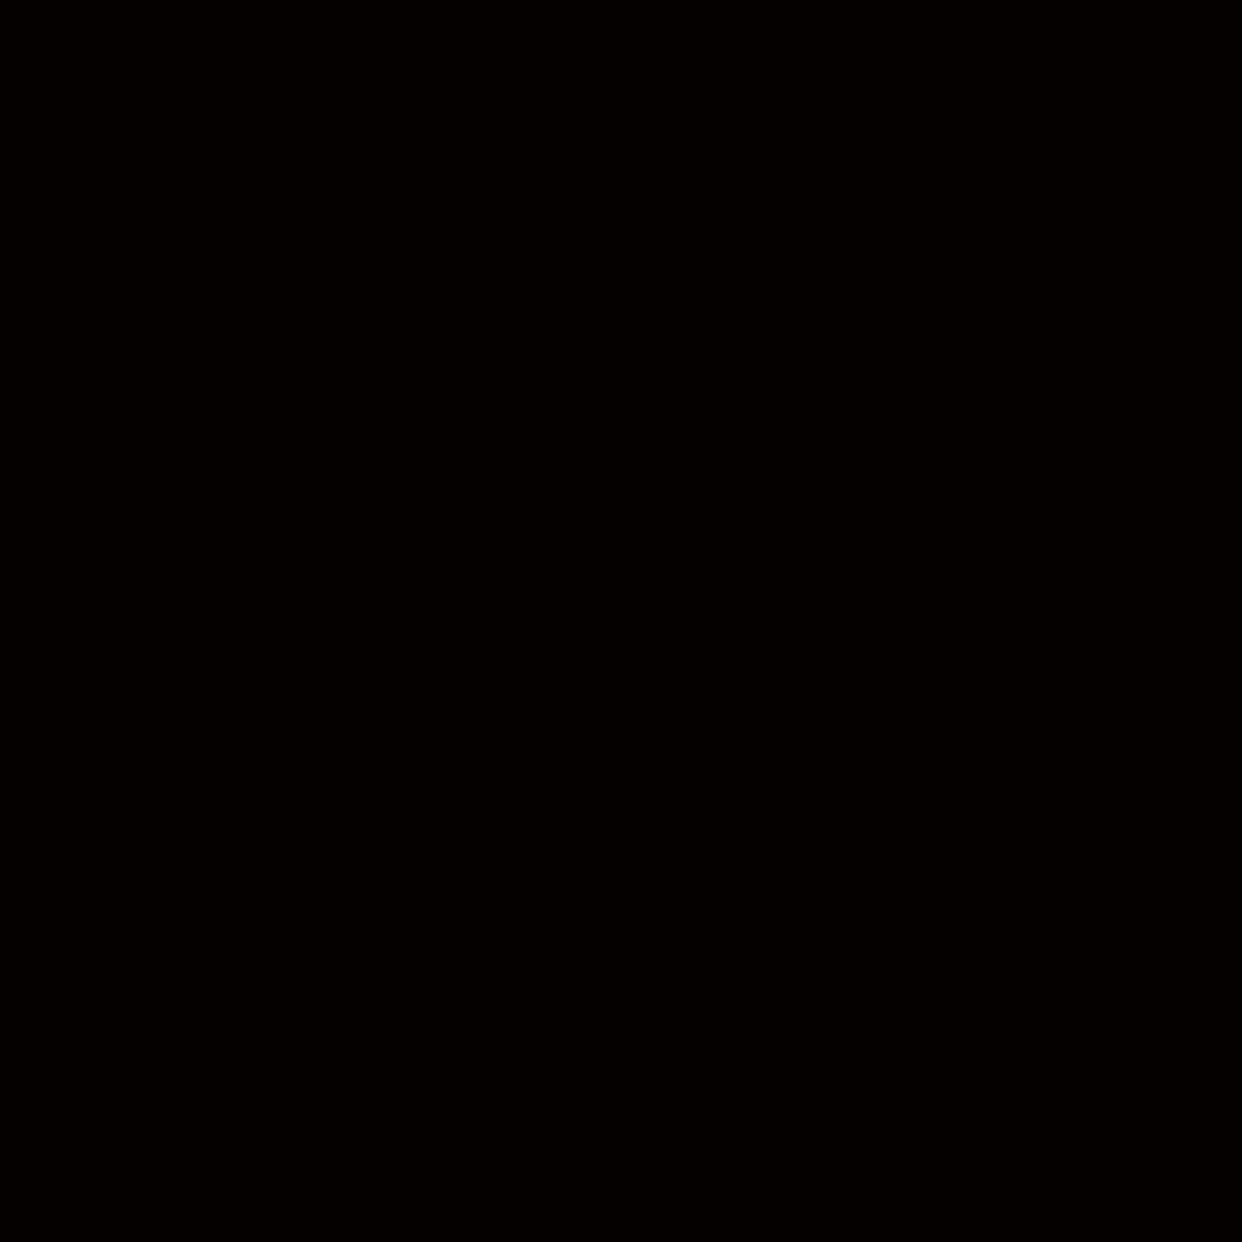 Fasio(ファシオ)パワフルカール マスカラ EX ボリュームの商品画像10